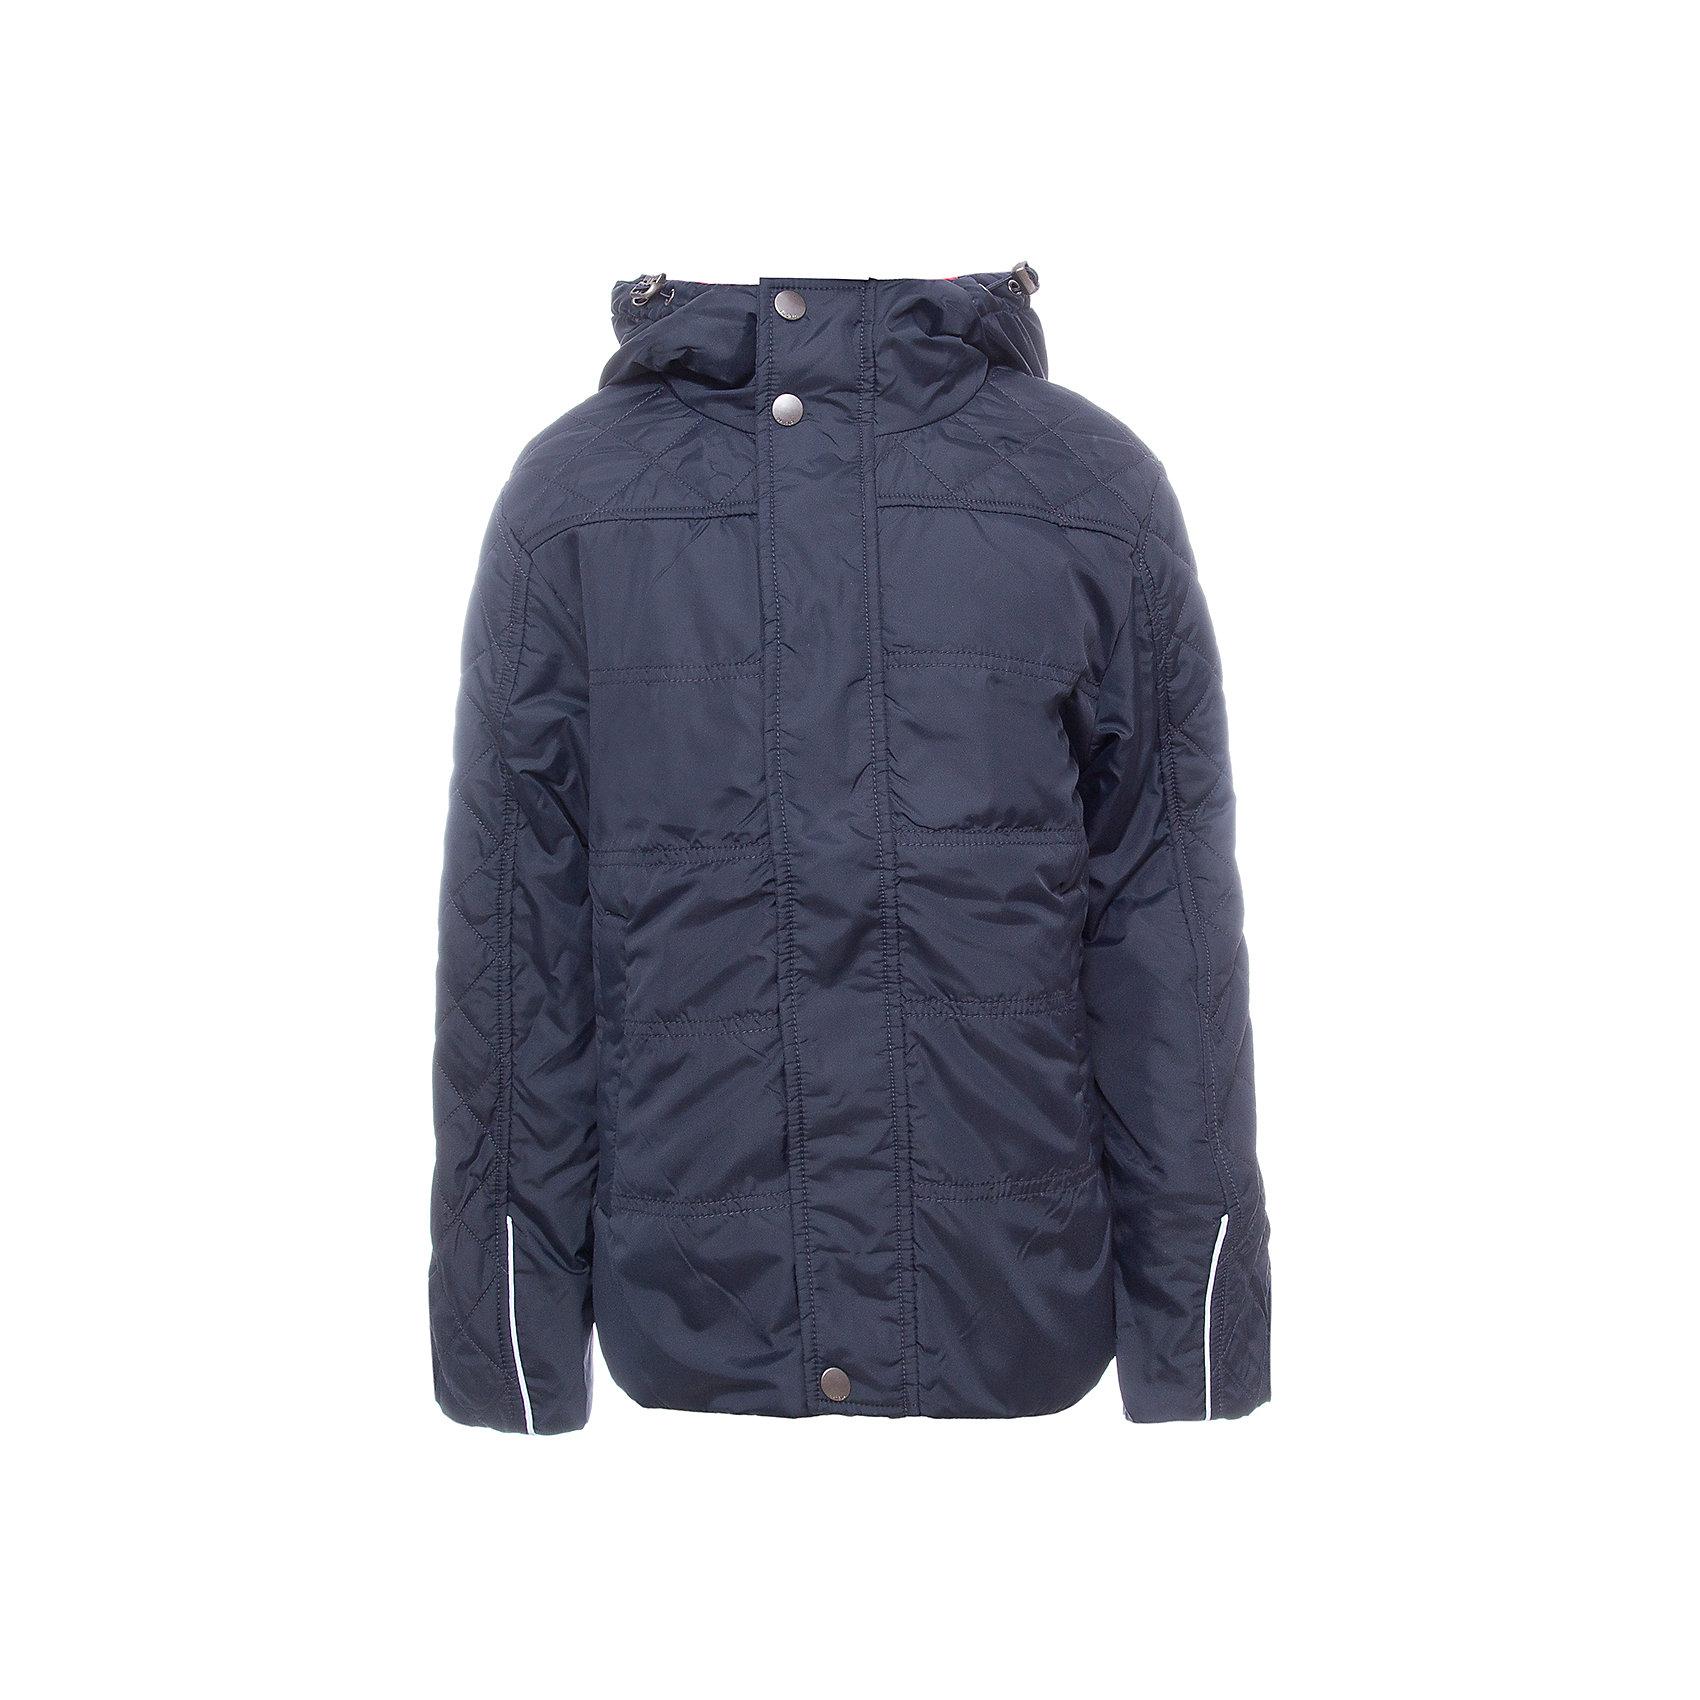 Куртка SELA для мальчикаВерхняя одежда<br>Характеристики товара:<br><br>• цвет: синий<br>• ткань верха: 100% нейлон<br>• подкладка: 100% полиэстер<br>• утеплитель: 100% полиэстер<br>• сезон: демисезон<br>• температурный режим: от +5 до -10С<br>• особенности куртки: на молнии, стеганая<br>• капюшон: без меха, съемный<br>• застежка: молния<br>• страна бренда: Исполиамидния<br>• страна изготовитель: Индия<br><br>Синяя куртка для мальчика от Sela поможет обеспечить ребенку тепло и комфорт. Такая детская куртка отличается лаконичным дизайном. В демисезонной куртке для мальчика от ребенок будет чувствовать себя комфортно в прохладную погоду. <br><br>Куртку для мальчика Sela (Села) можно купить в нашем интернет-магазине.<br><br>Ширина мм: 356<br>Глубина мм: 10<br>Высота мм: 245<br>Вес г: 519<br>Цвет: темно-синий<br>Возраст от месяцев: 132<br>Возраст до месяцев: 144<br>Пол: Мужской<br>Возраст: Детский<br>Размер: 152,122,128,140<br>SKU: 7032302